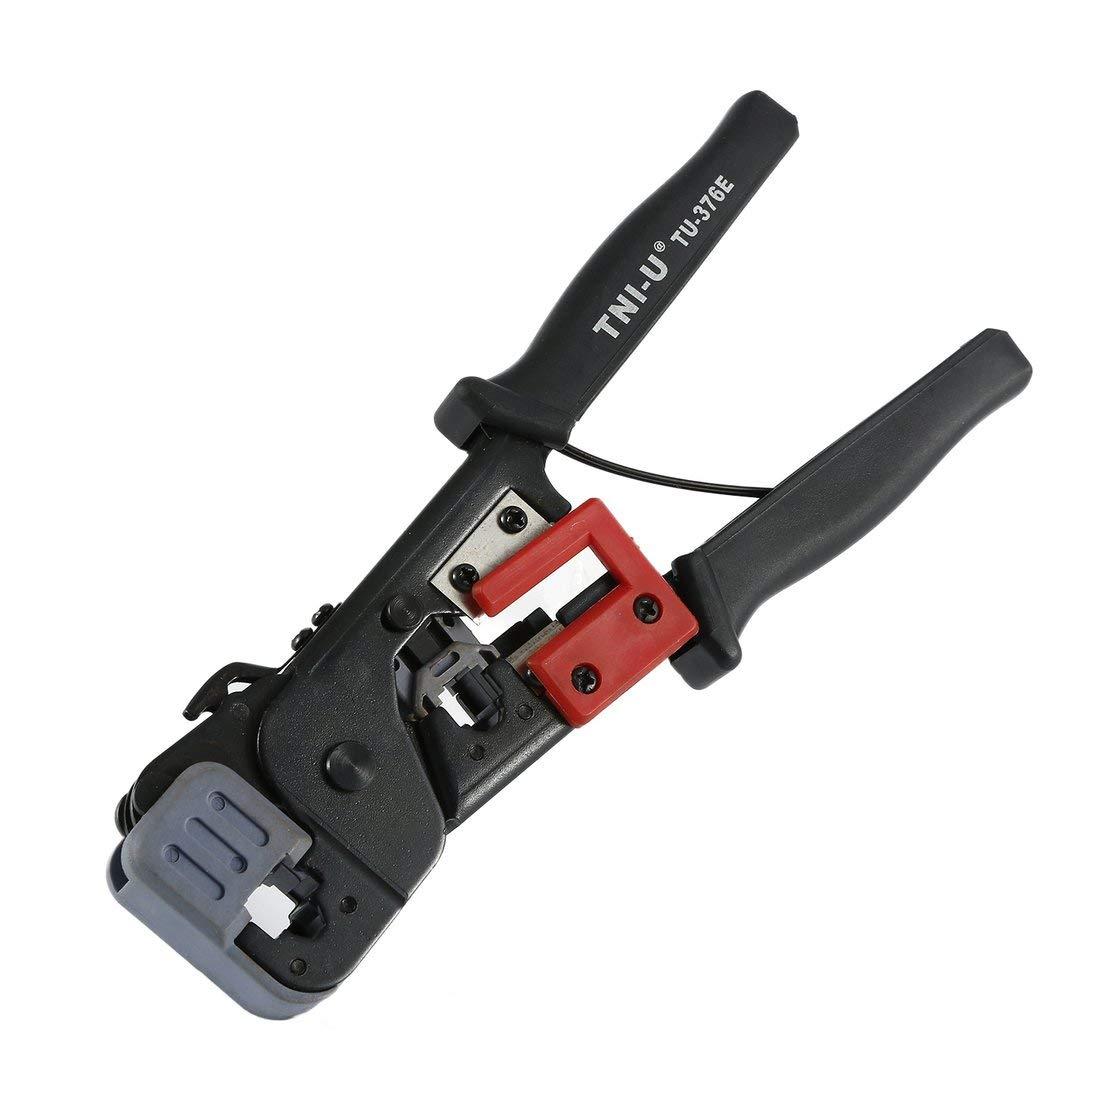 TU-376E herramienta de prensado de telecomunicaciones modular cable de red trinquete que prensa alicates pelacables herramientas para 4P 6P 8P RJ-11 / RJ-12 RJ-45 Laurelmartina